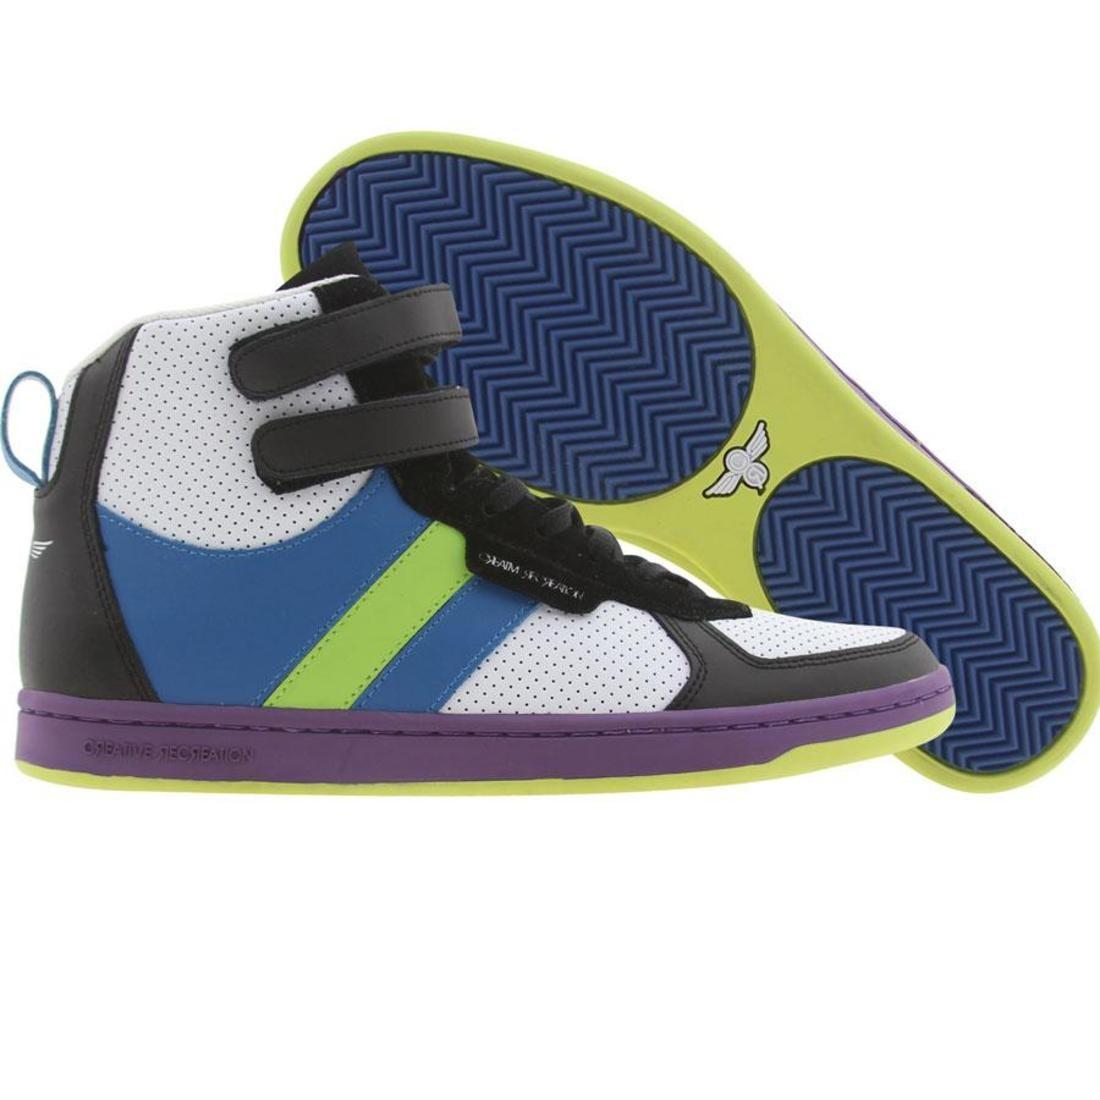 【海外限定】青 ブルー 靴 メンズ靴 【 BLUE CREATIVE RECREATION DICOCO BLACK LIME DEWBERRY 】